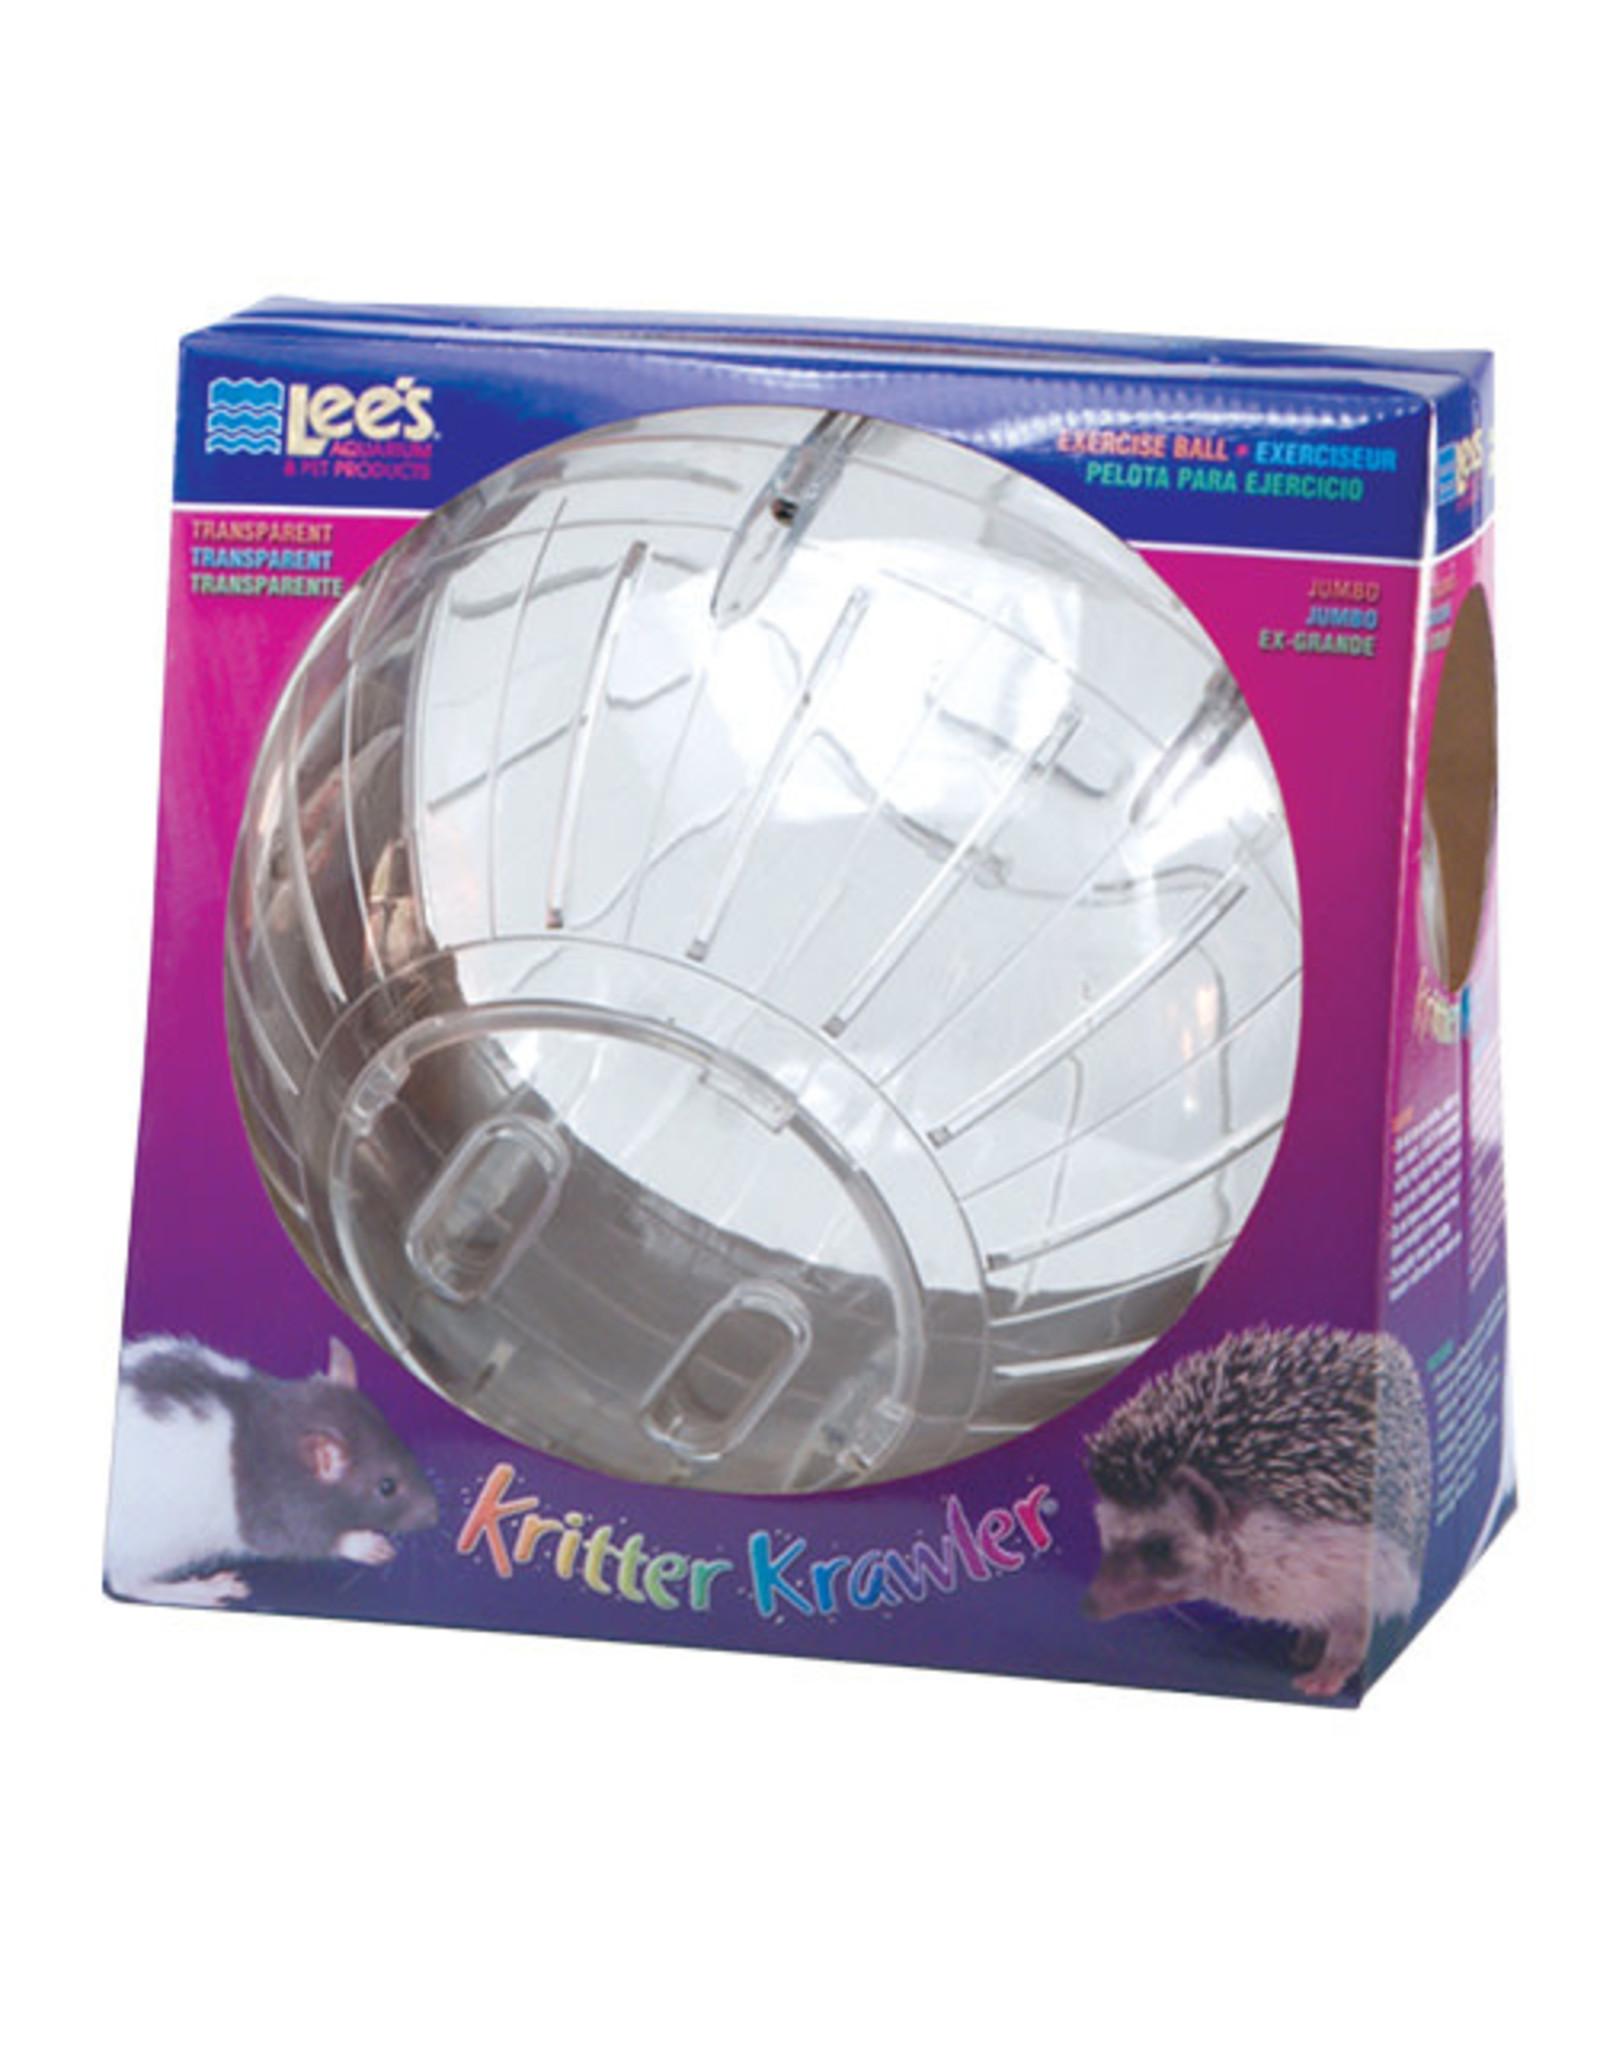 Lee's Kritter Krawler Exercise Ball - Transparent - Jumbo